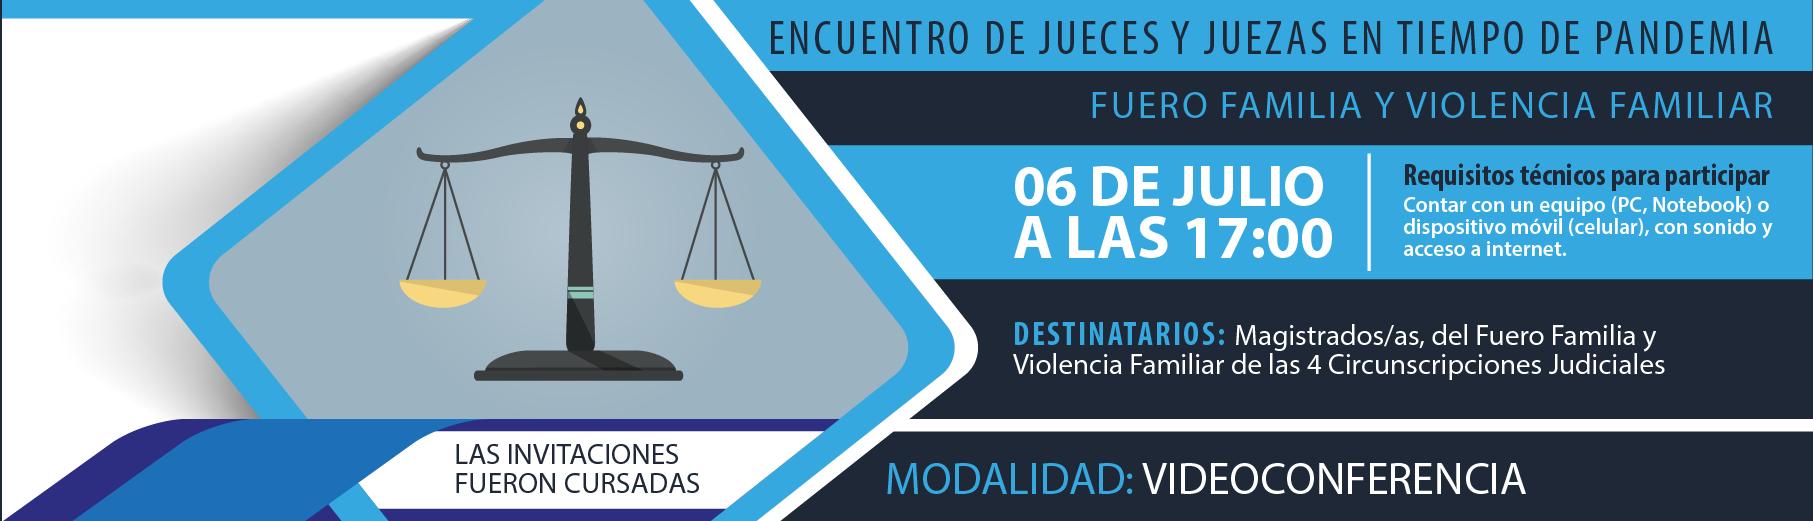 Encuentro de Jueces y Juezas en Tiempo de Pandemia - Fuero Civil y Comercial